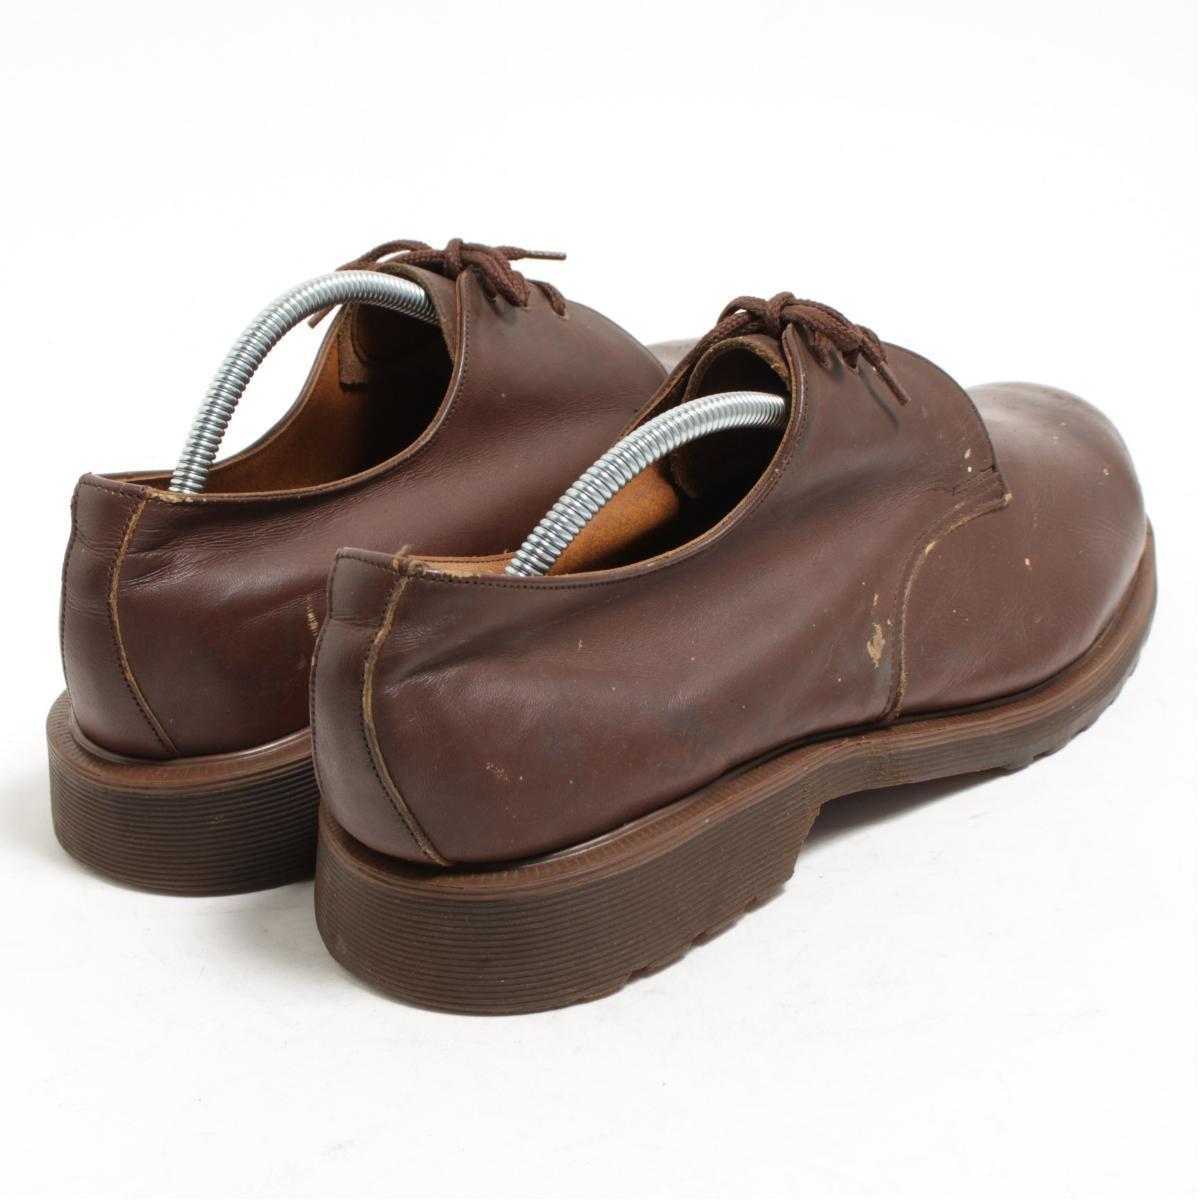 UK10 men 28.5cm vintage /bom3207 made in the steel toe 3 hall shoes U.K. in front of doctor Martin Dr.Martens carved seal